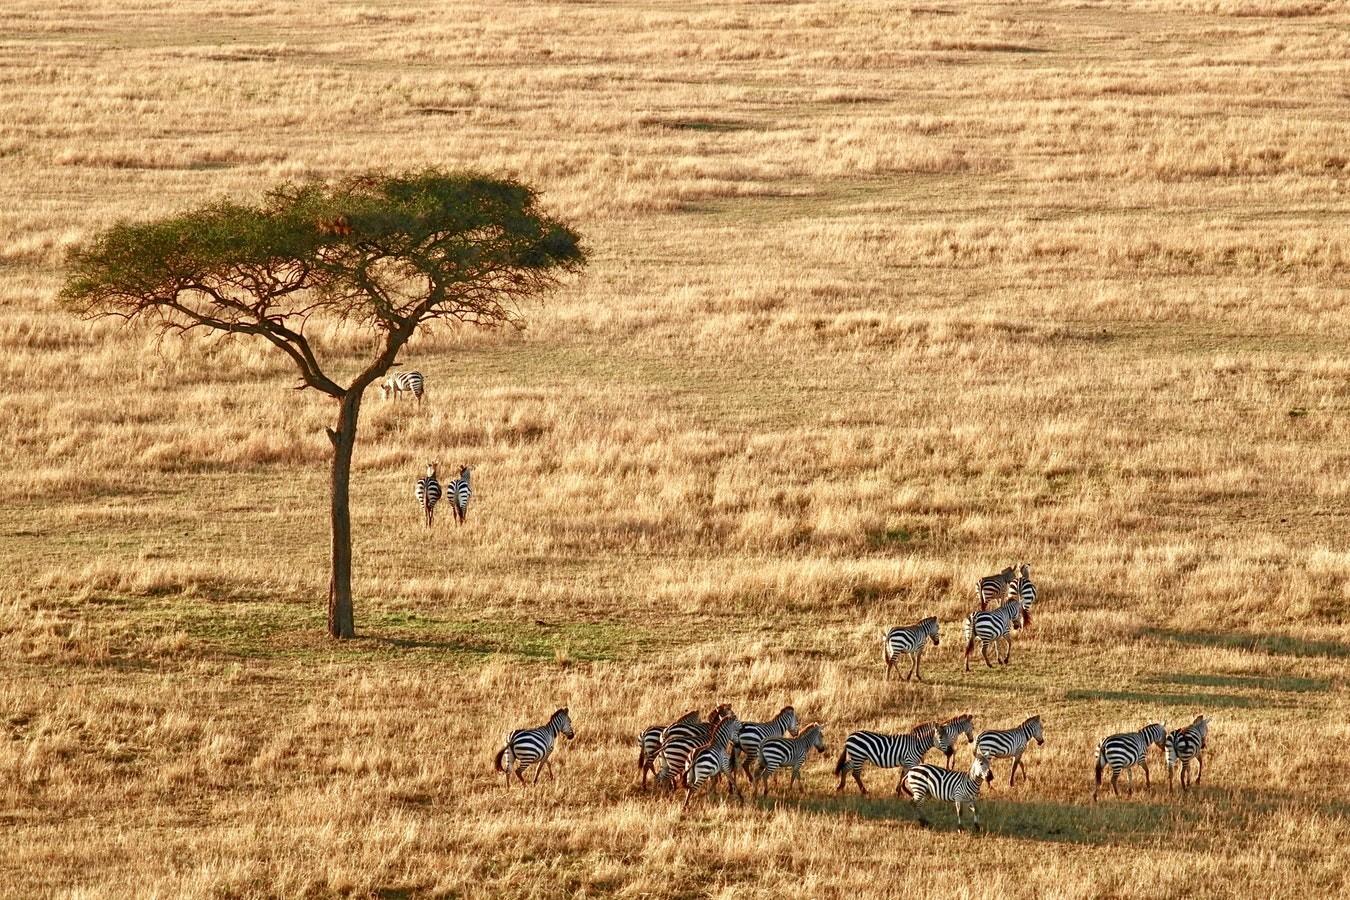 Zèbres dans le Serengeti vus du ciel